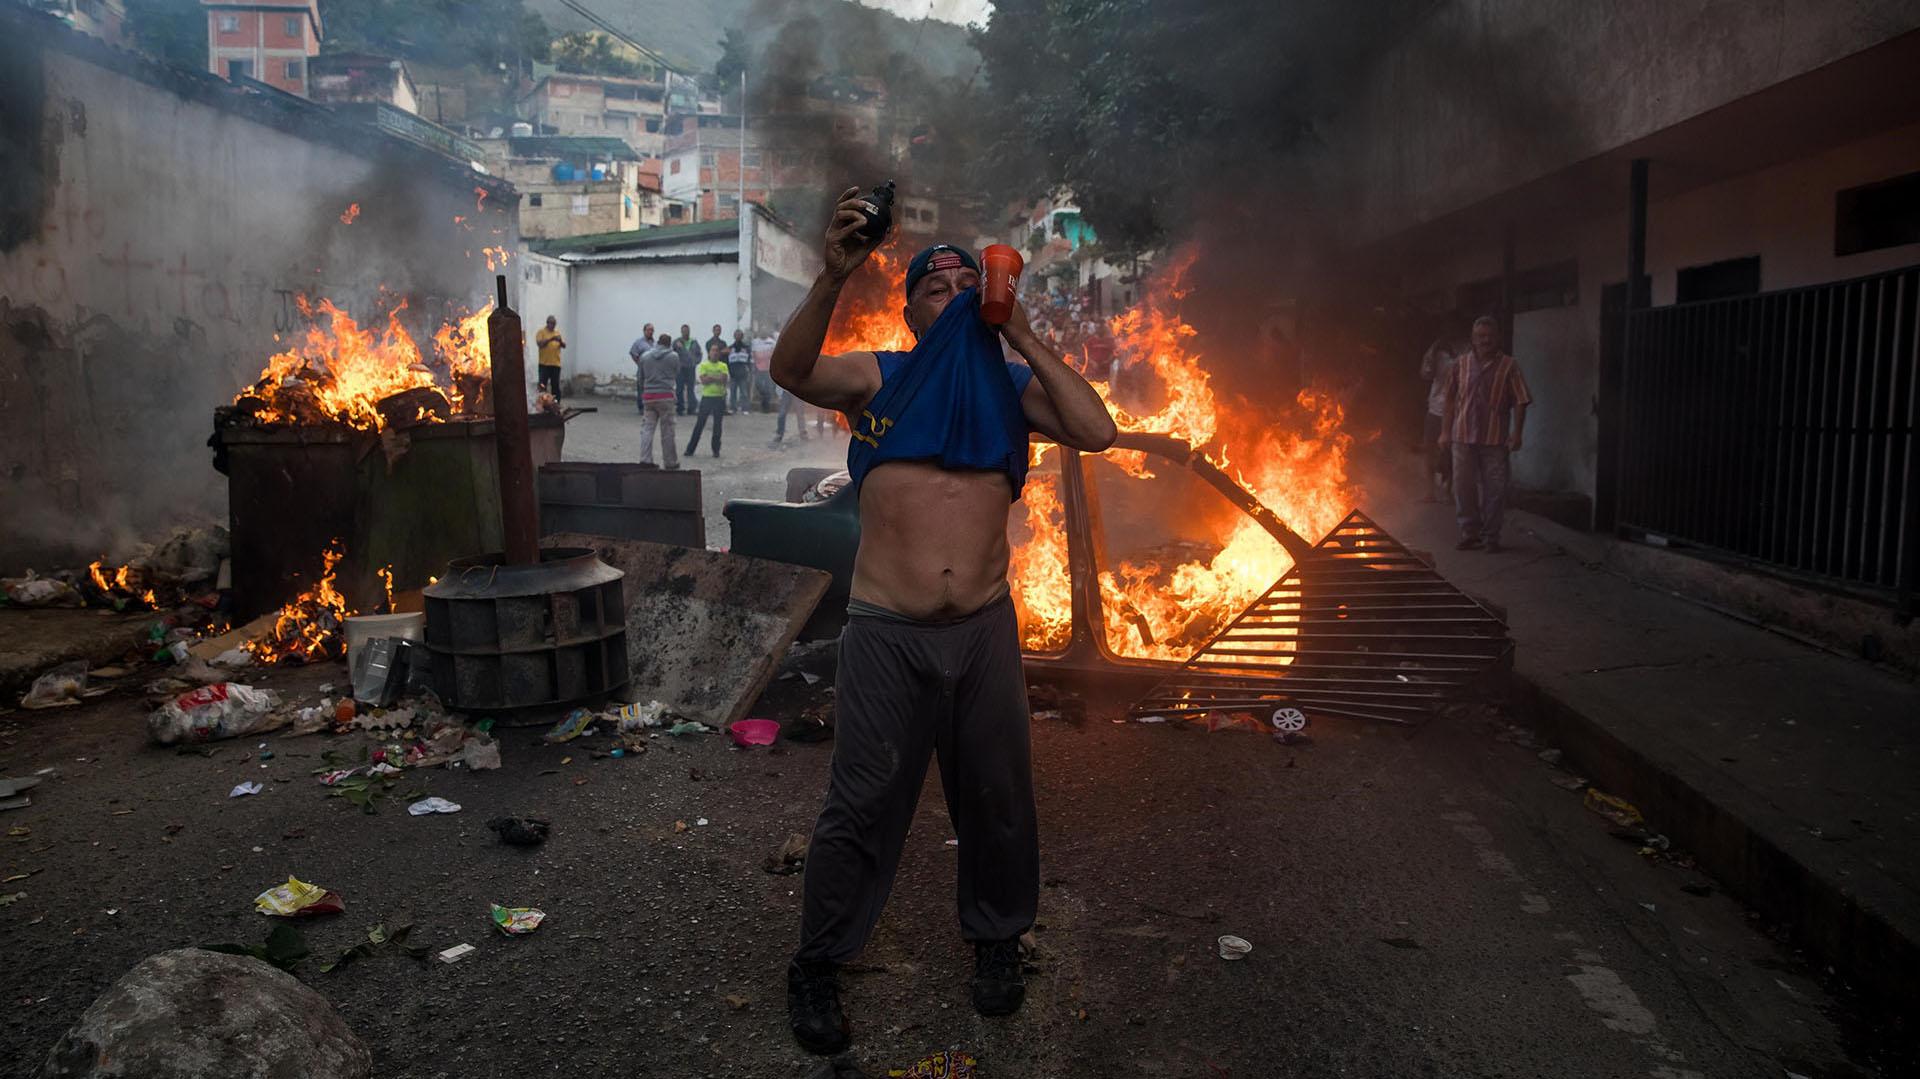 """Un grupo de militares que se había rebelado contra el Gobierno de Nicolás Maduro fue """"rendido y capturado"""", informó hoy la Fuerza Armada Nacional Bolivariana (FANB) de Venezuela, que afirmó que se les aplicará """"todo el peso de la ley"""" (EFE)"""